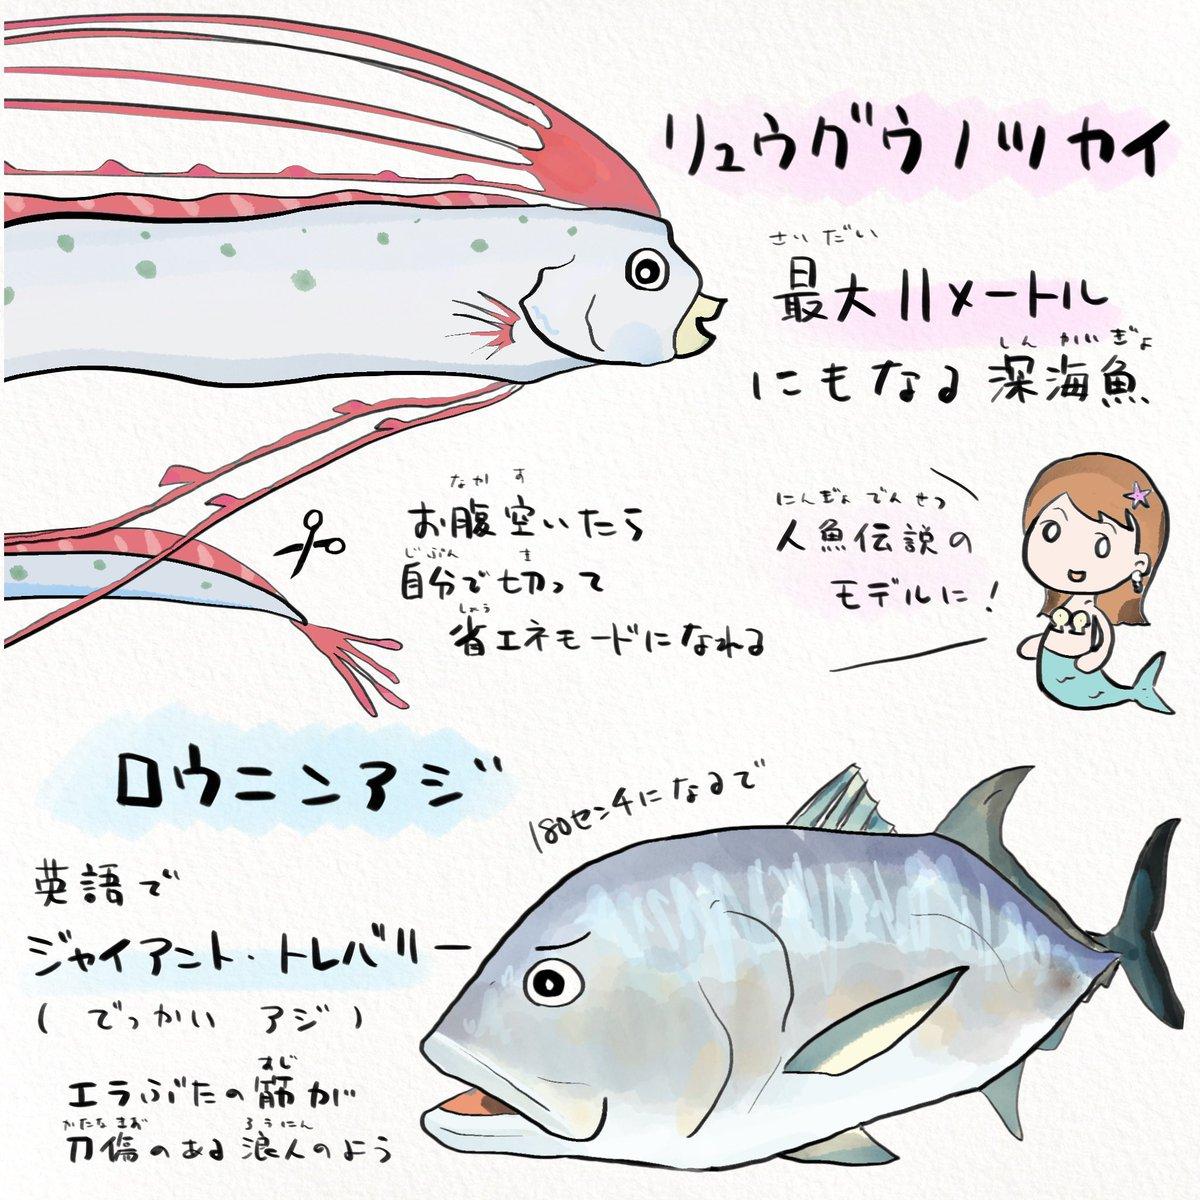 任天堂の人気ゲームから魚に興味を持ってもらえたら🐟